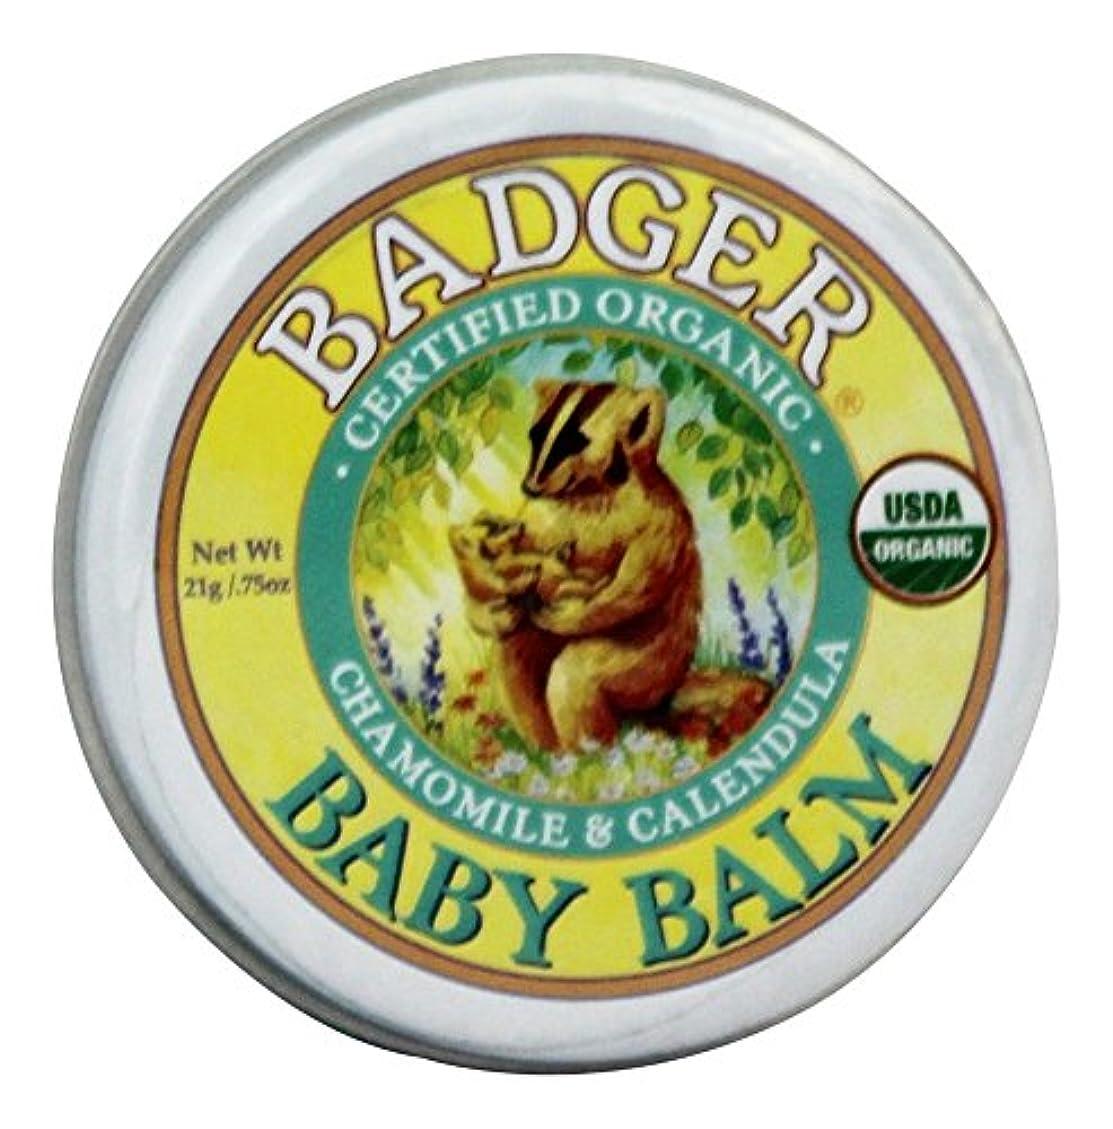 大気遺棄された食物Badger - 赤ん坊の香油のChamomile及びCalendula - 0.75ポンド [並行輸入品]